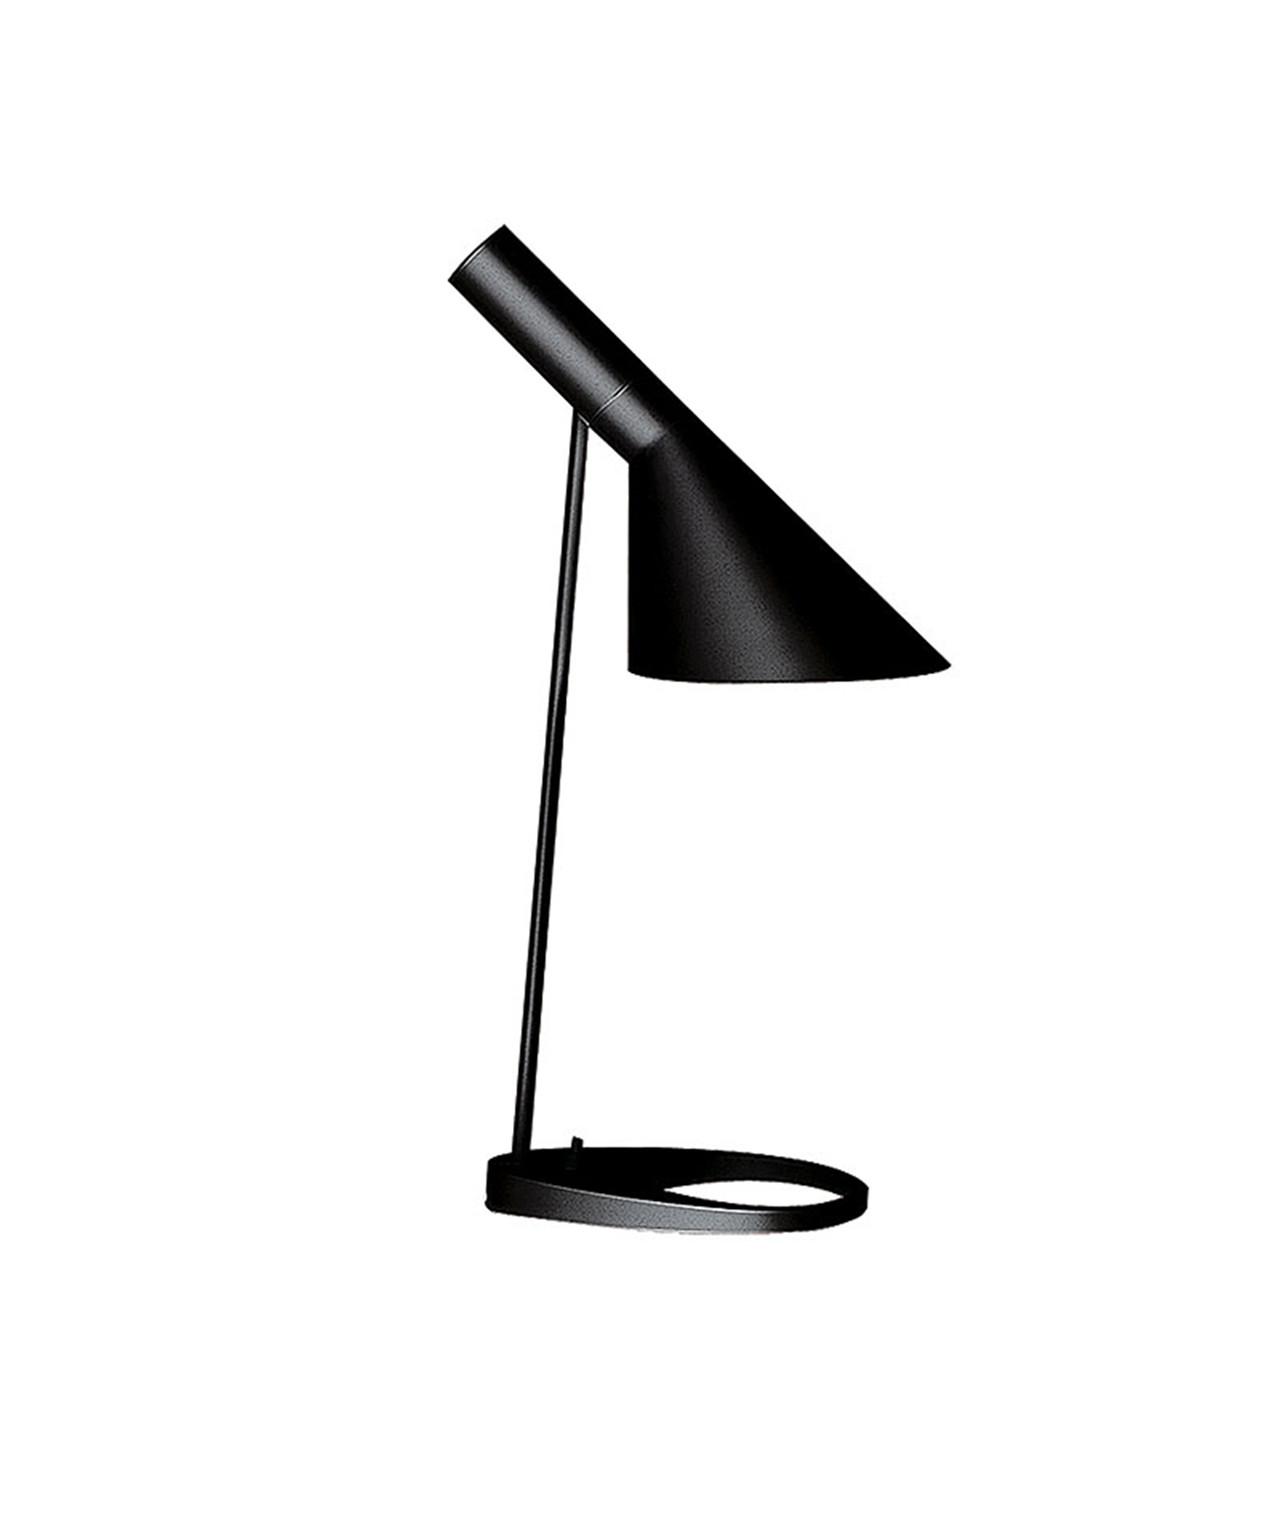 DesignArne Jacobsenfor Louis PoulsenKonceptAJ bord blev designet af Arne Jacobsen i 1960 til SAS Royal Hotel i København (Radisson Blu). Lampen udgjorde en del af det totale designkoncept til hotellet. Flere af hotellets produkter har i dag opnået status som designikoner, og inden for belysning er især AJ-lamperne blevet verdenskendte. I forbindelse med 50-året for lanceringen af AJ-familien er 5 nye farvevarianter blevet introduceret. De nye farver er nøje udvalgt efter et opdateret Arne Jacobsen farvekoncept. Klassisk bordlampe kendt og elsket i over 50 år. Armaturhovedet på AJ Bordlampe udsender et retningsbestemt, asymmetrisk lys. Armaturhovedet kan vippes trinløst. Flere af hotellets produkter har i dag opnået status som designikoner og inden for belysning er især AJ-lamperne blevet verdenskendte. I forbindelse med 50-året for lanceringen af AJ-familien blev 5 nye farvevarianter introduceret. De nye farver er nøje udvalgt efter et opdateret Arne Jacobsens farvekoncept.